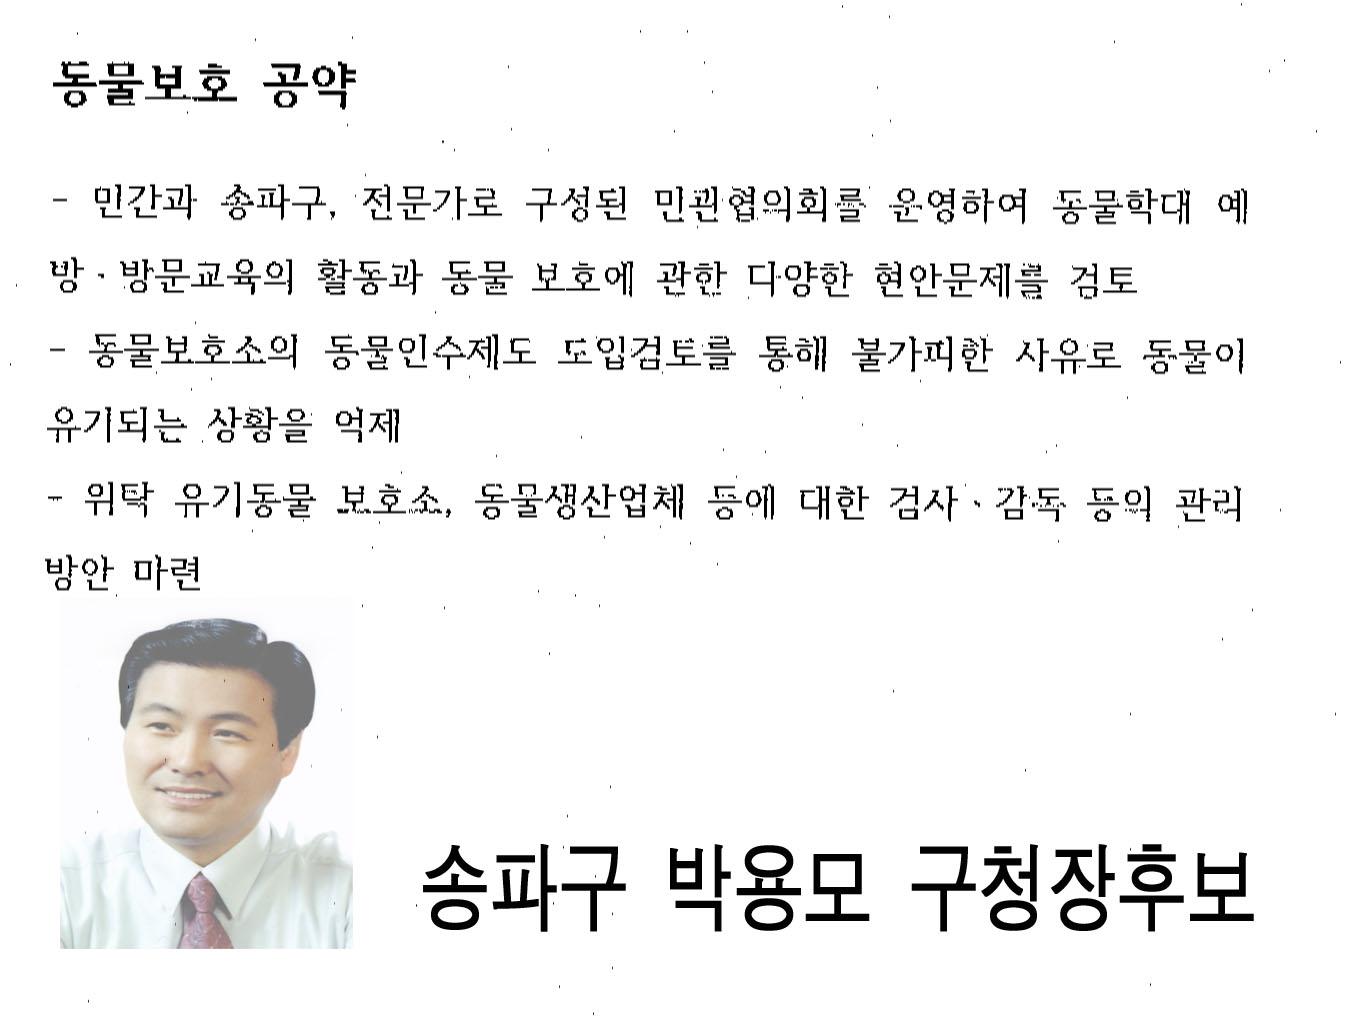 송파구_박용모02.jpg